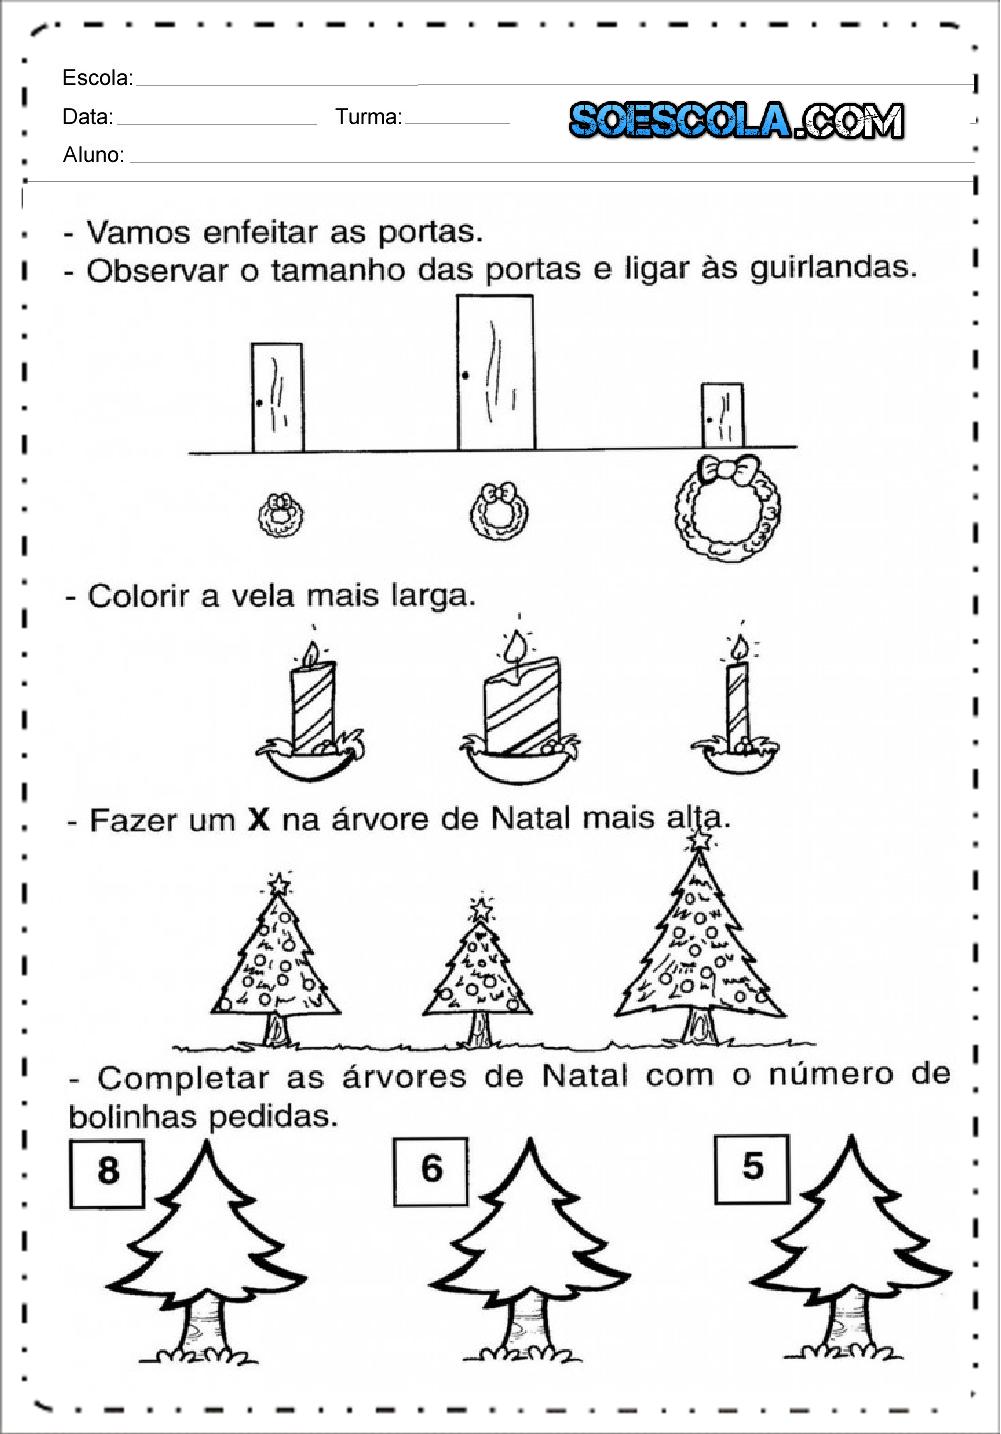 12 Atividades de Natal - Para Imprimir - Atividades Educativas do Natal